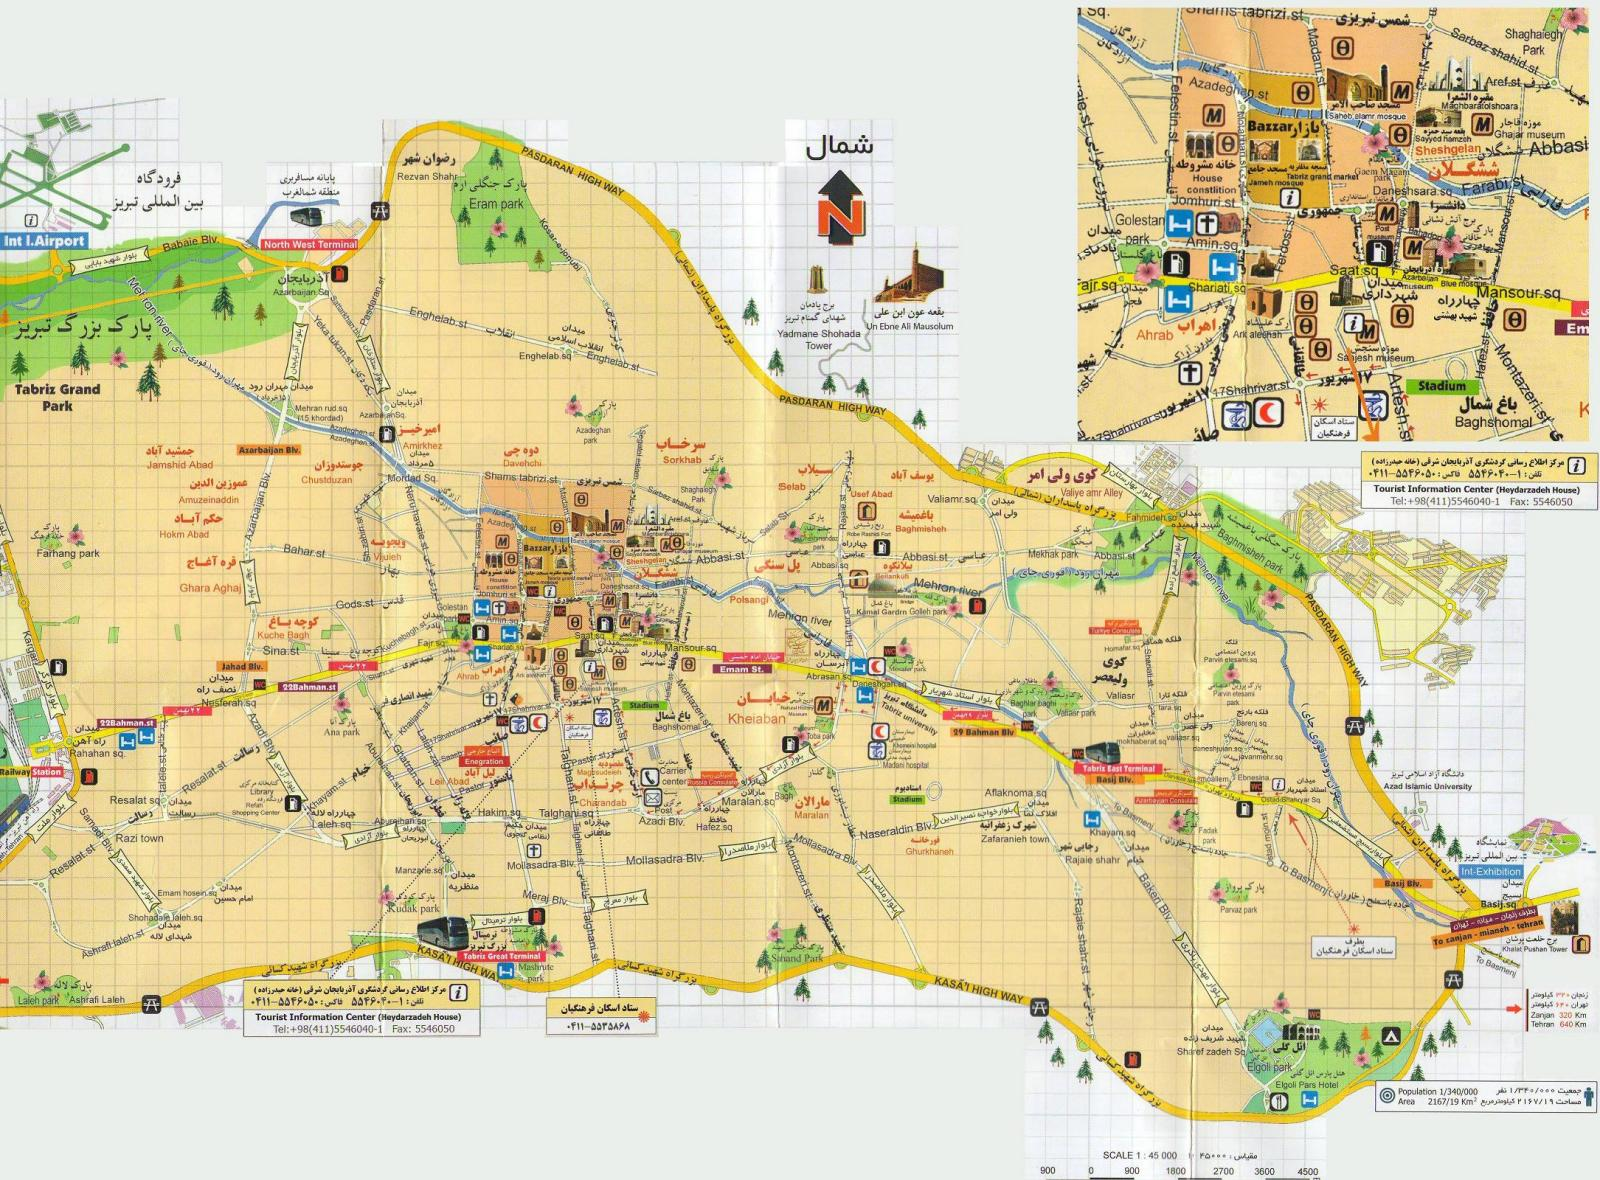 تحليل مدل ضريب تكاثر در توسعه صنعت گردشگري در استان آذربايجان شرقي